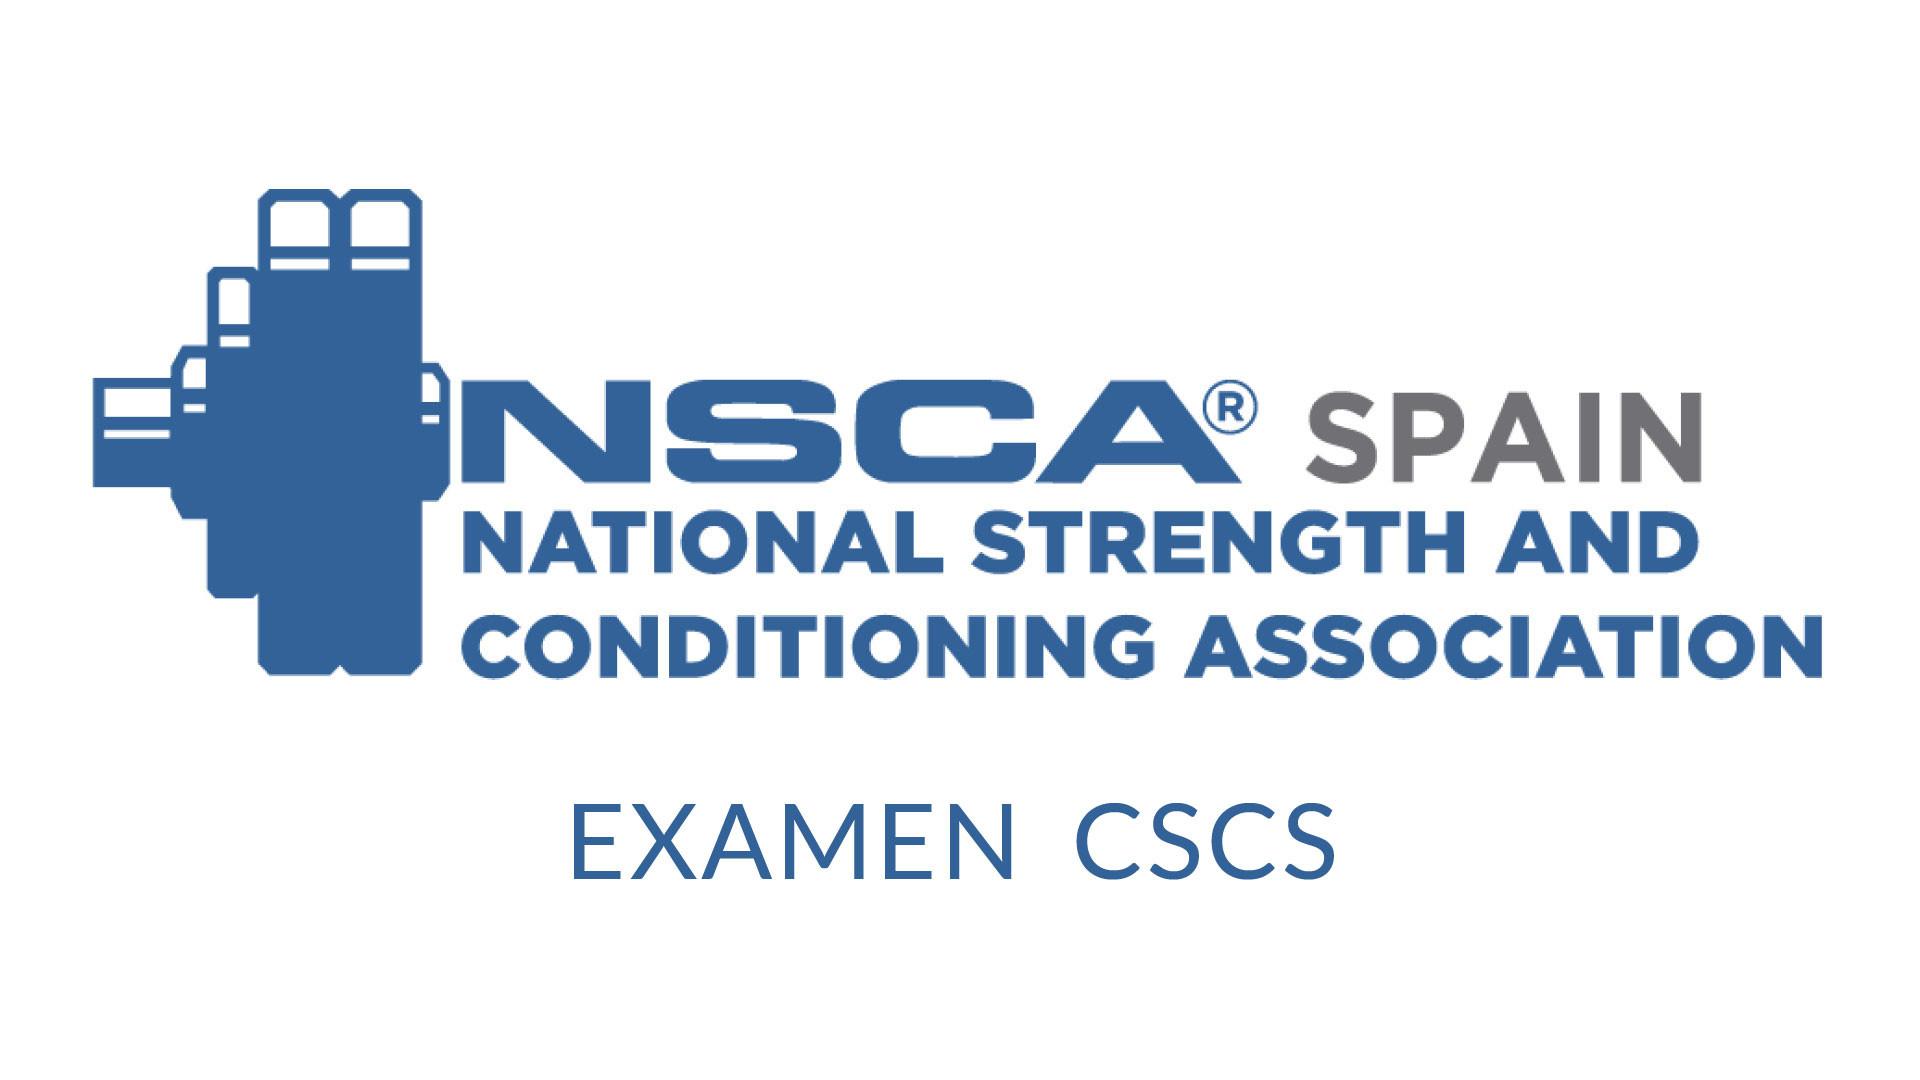 NSCA Spain